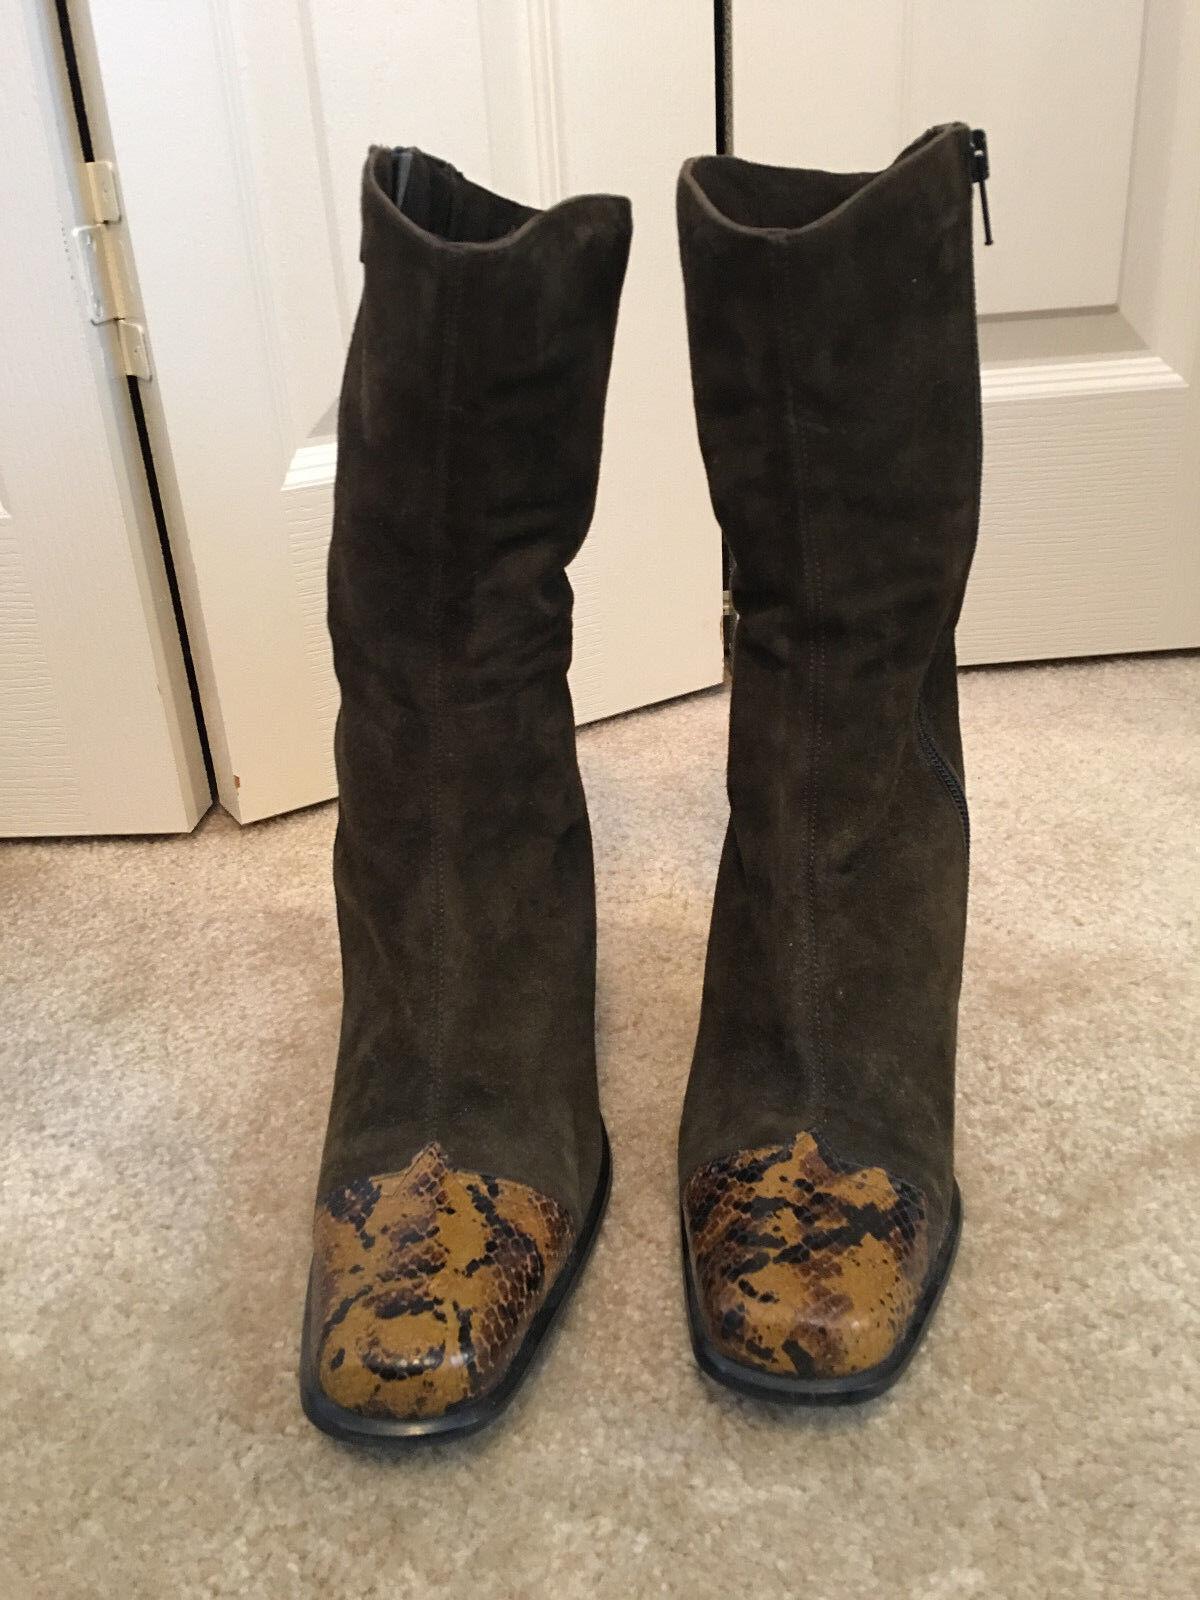 Lavorazione Artigiana & Boots  - Suede & Artigiana Leather - Made in Itay - Heels - Size 7.5 3cf89e